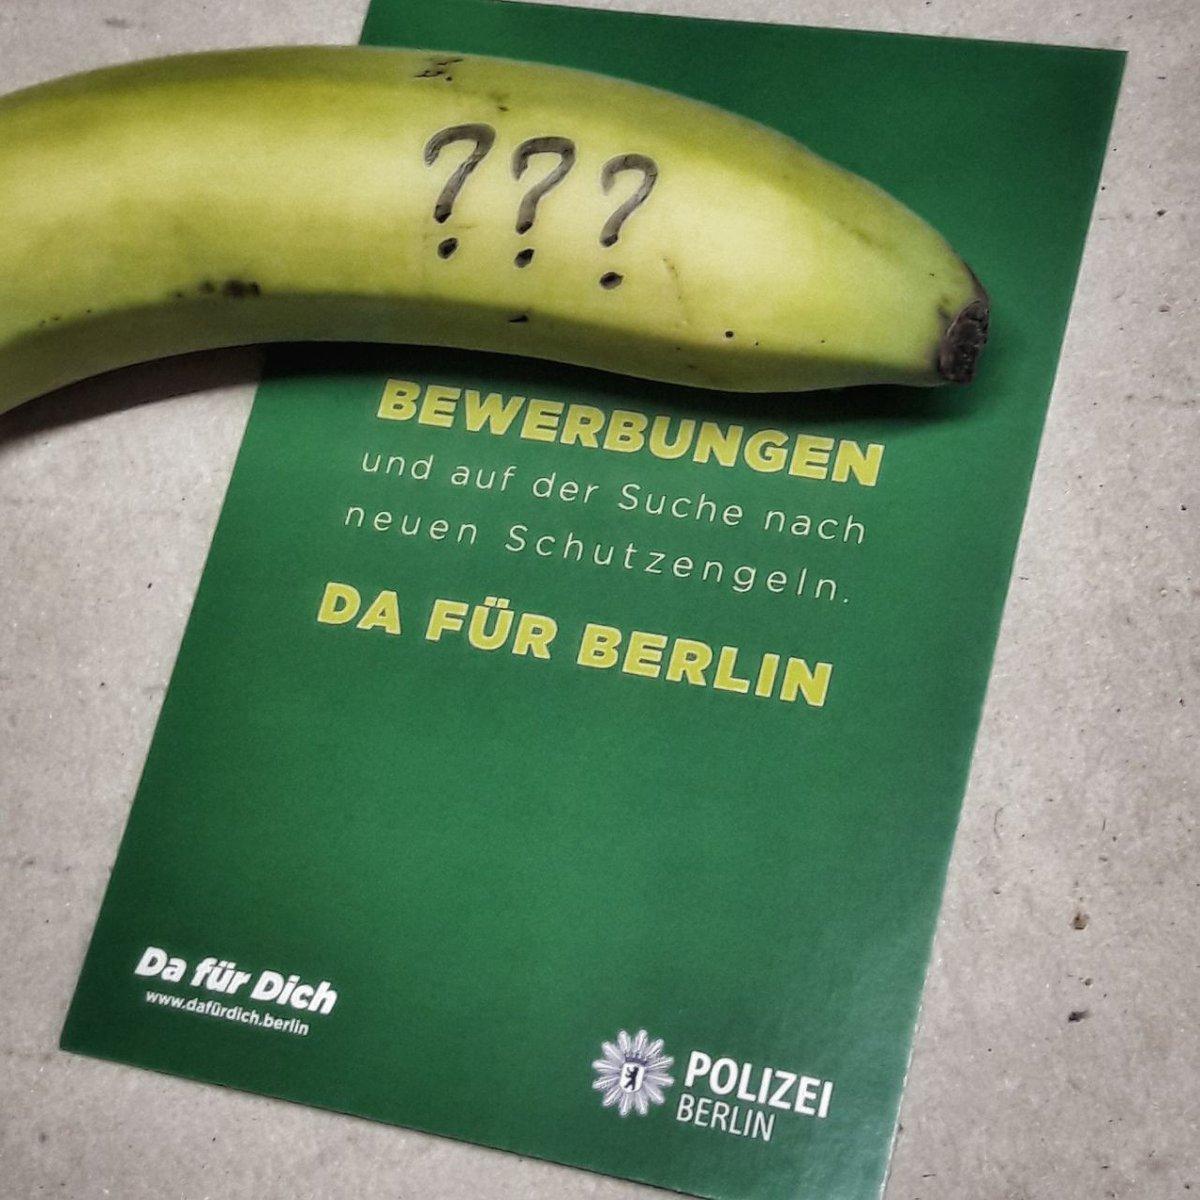 Polizei Berlin On Twitter Unser Nachwuchs Ernährt Sich Gesund